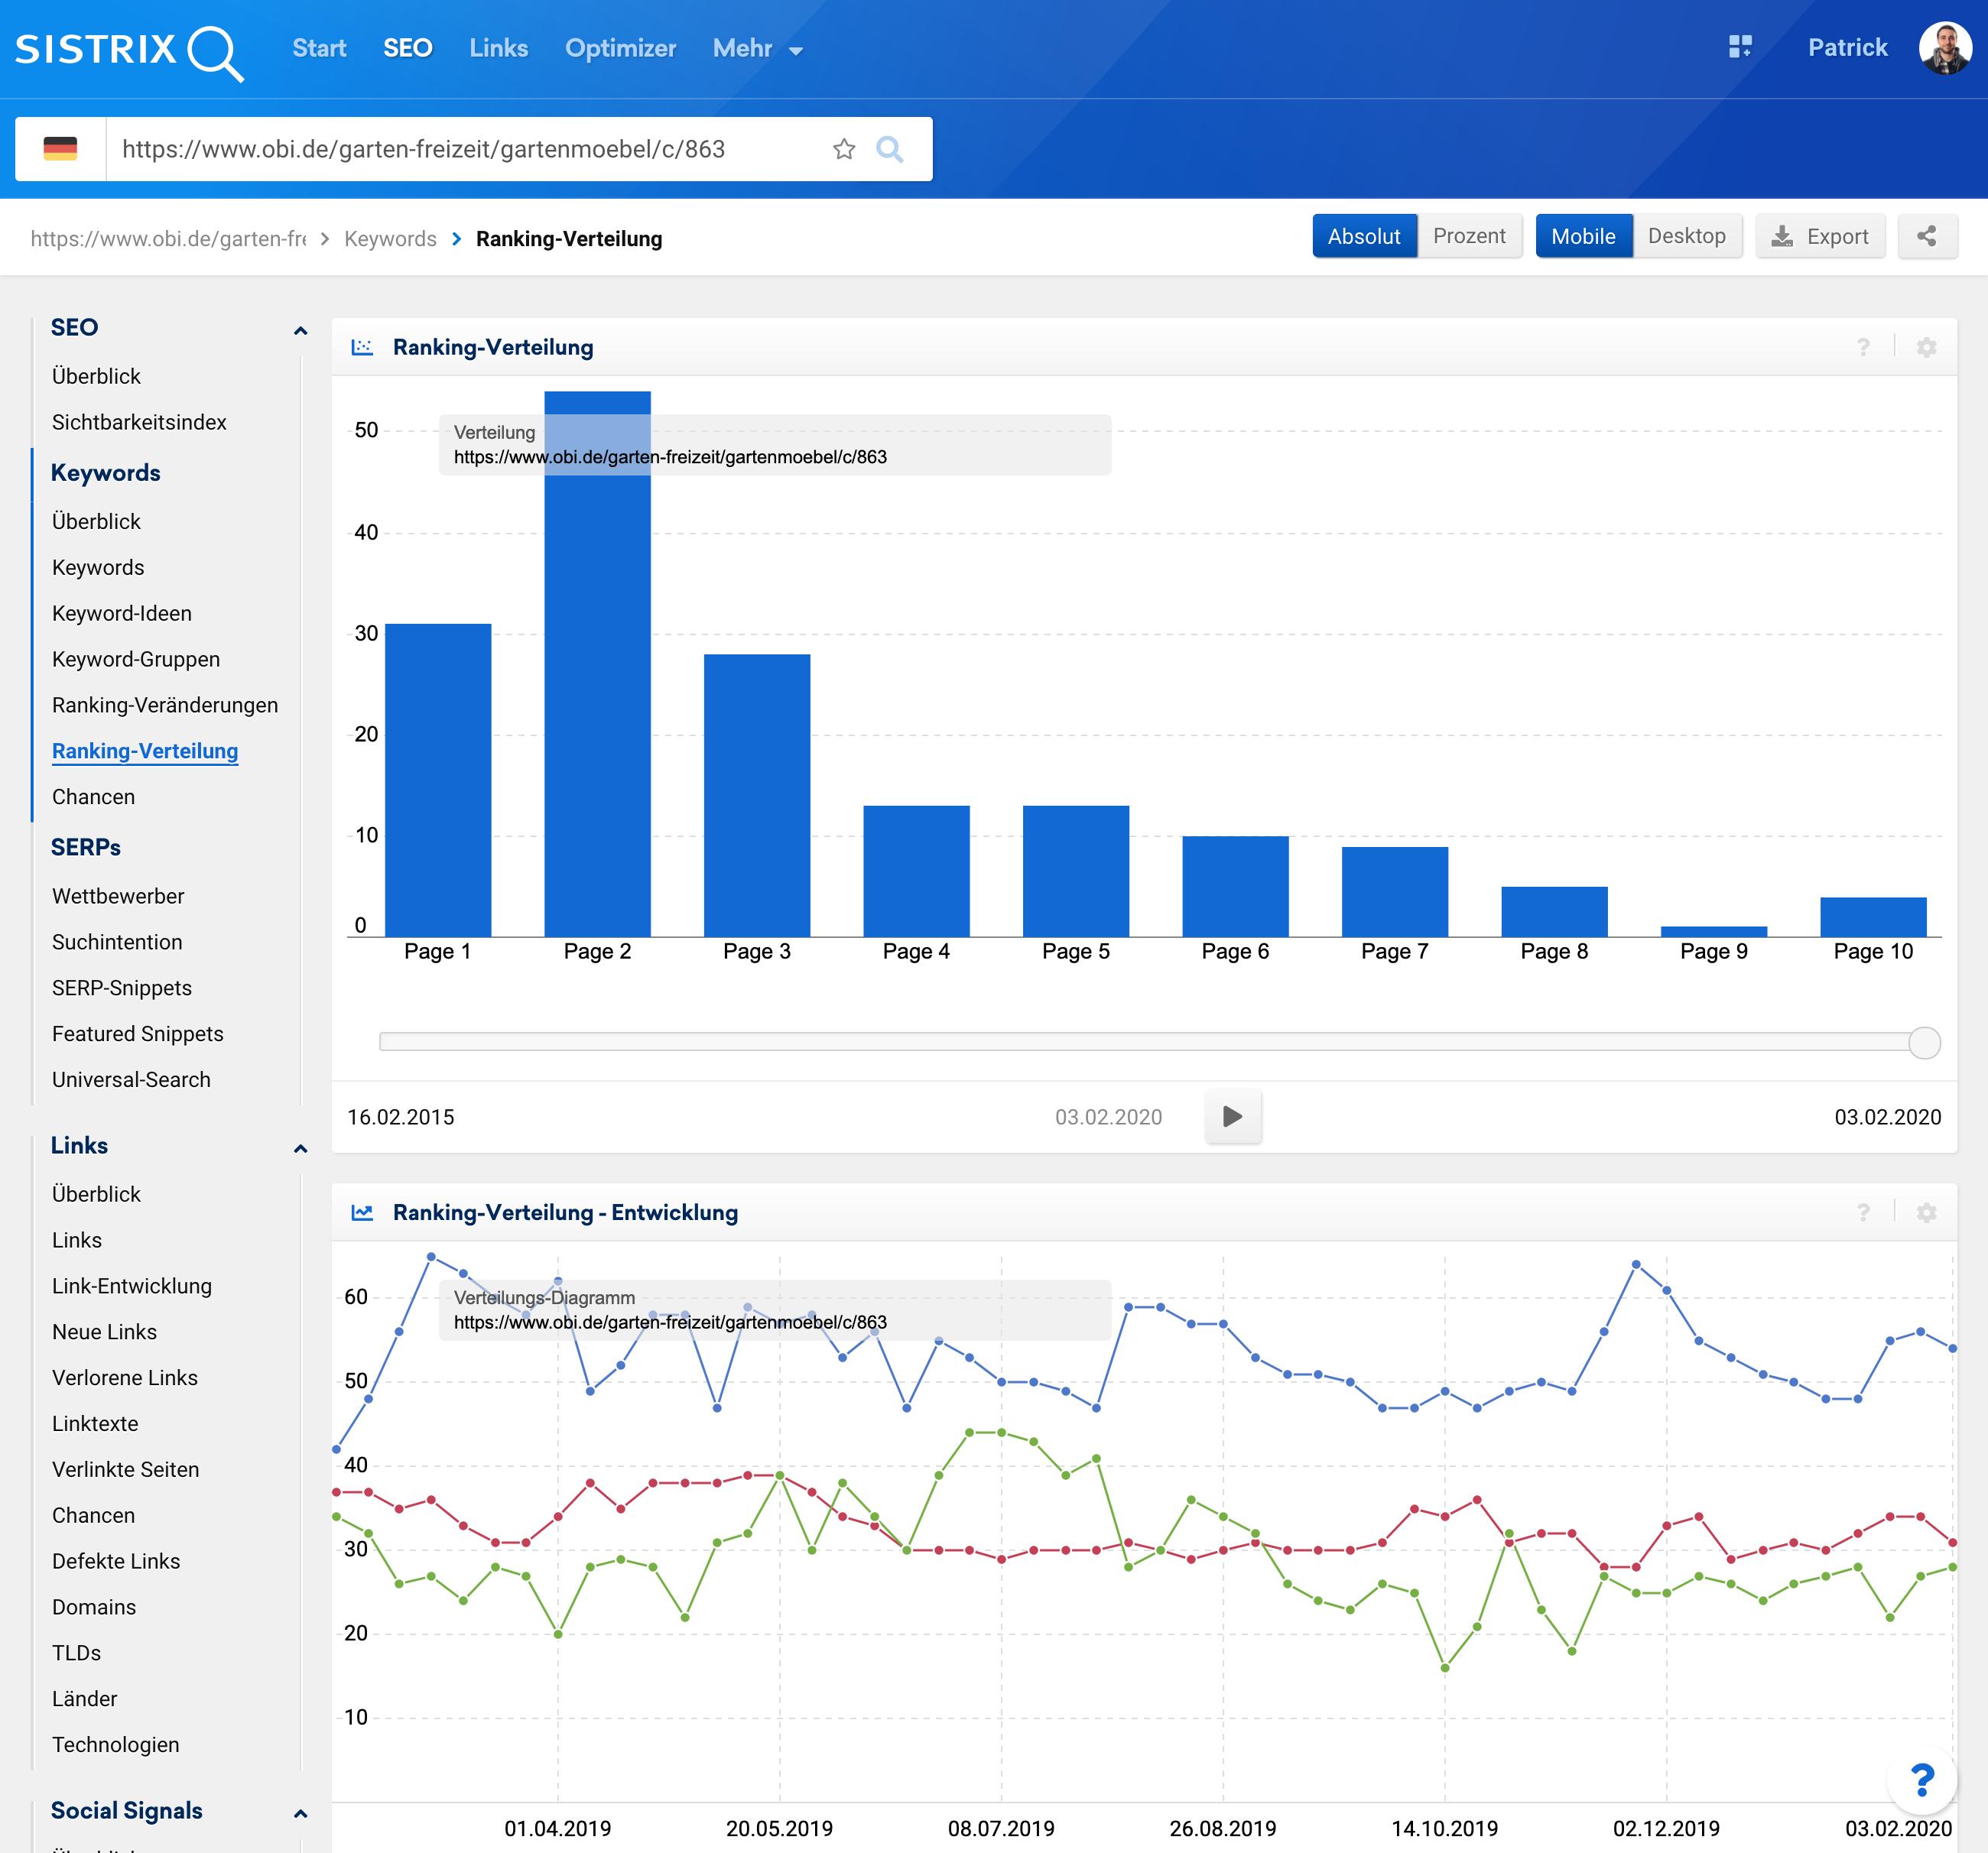 Ansicht der Ranking-Verteilung-Seite der Toolbox bei Eingabe einer einzelnen URL in die Suchleiste.